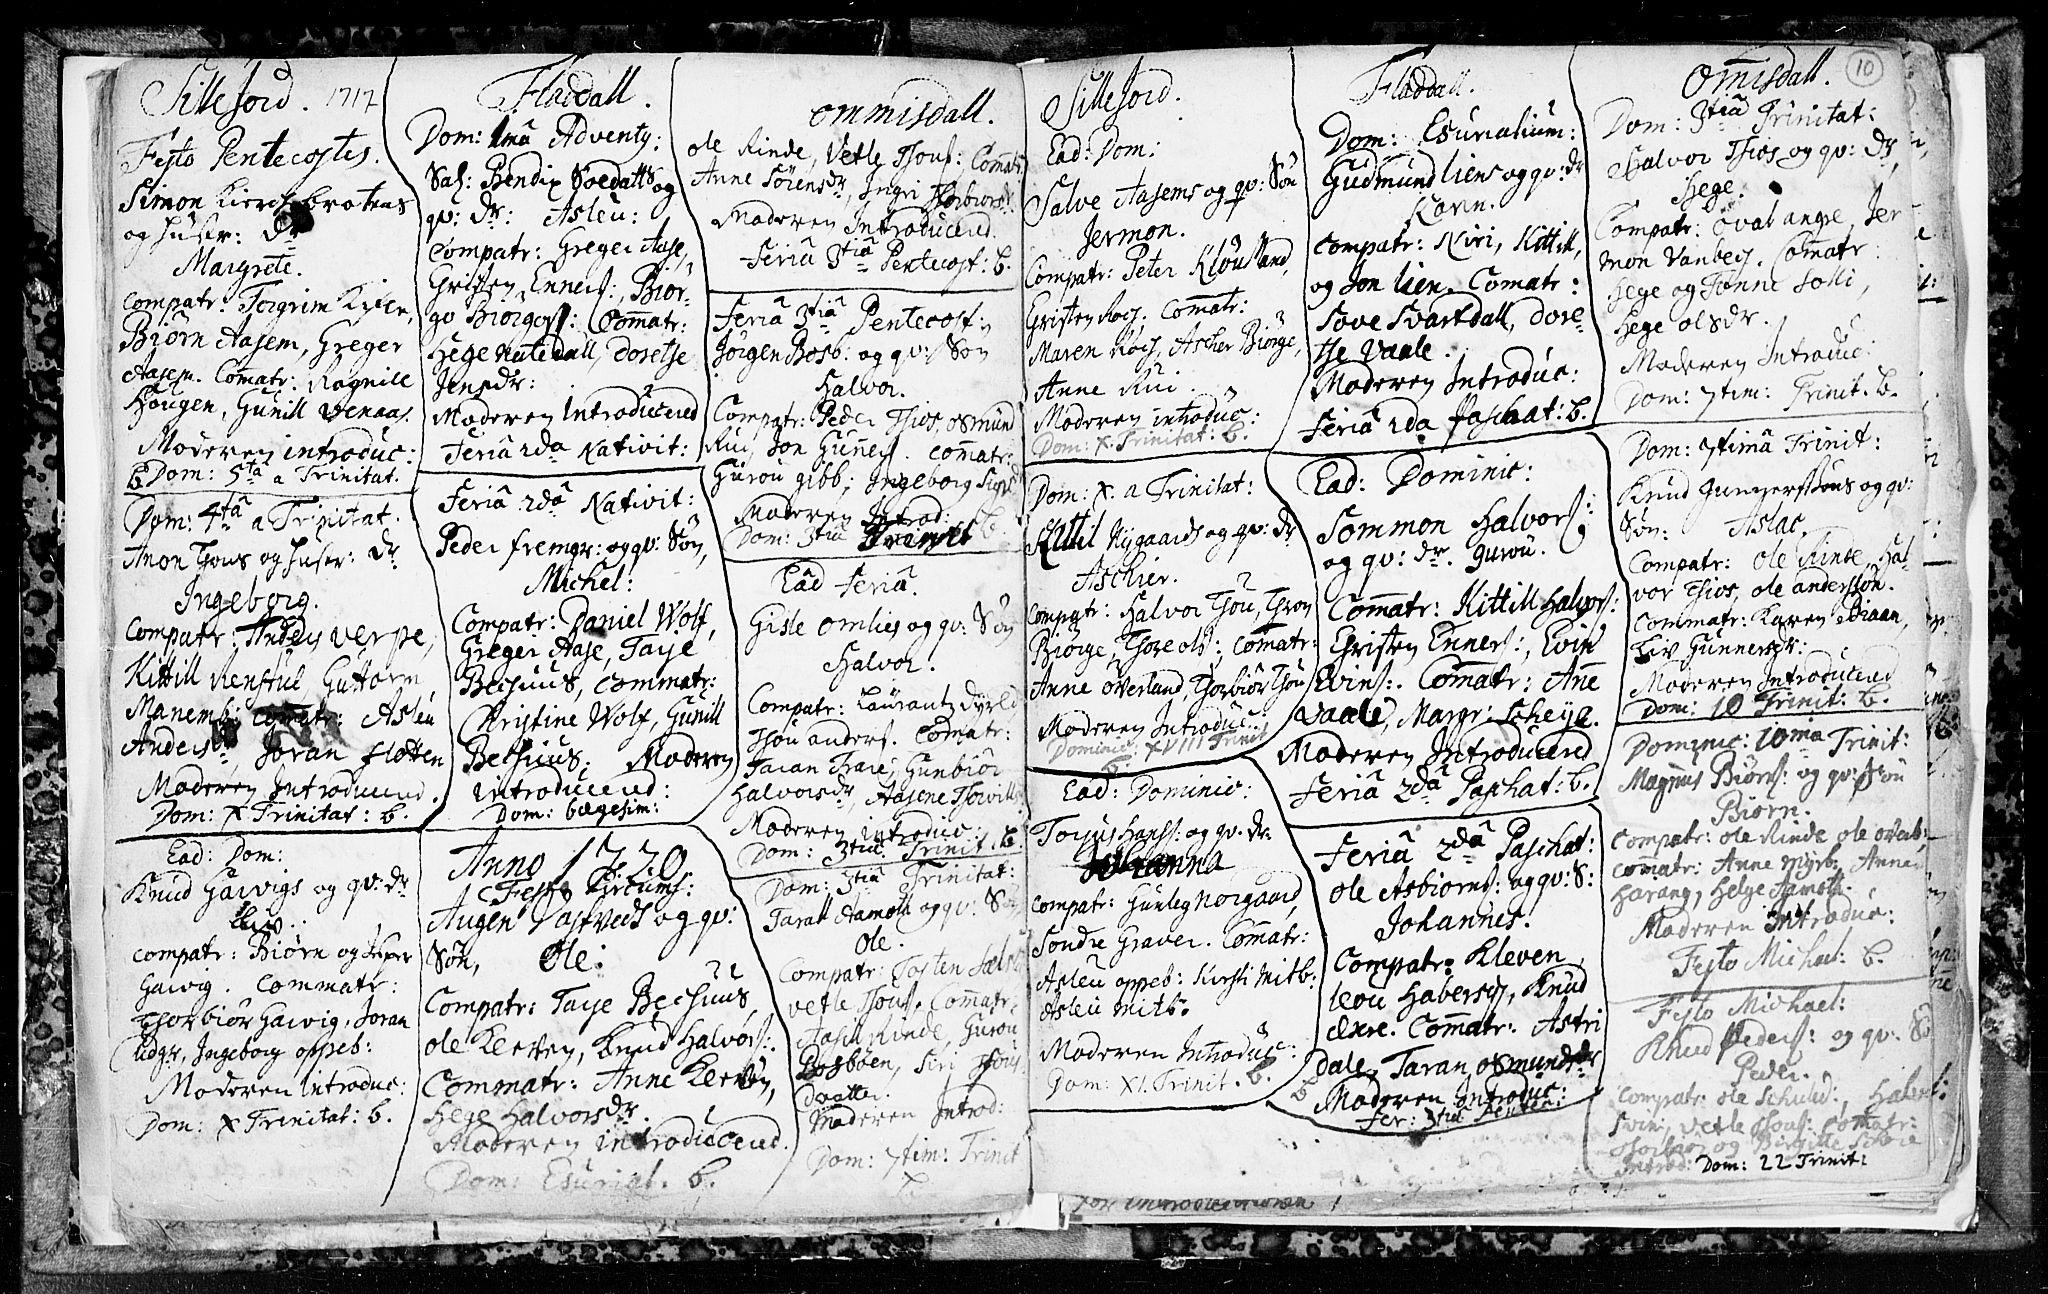 SAKO, Seljord kirkebøker, F/Fa/L0003: Ministerialbok nr. I 3, 1714-1725, s. 10